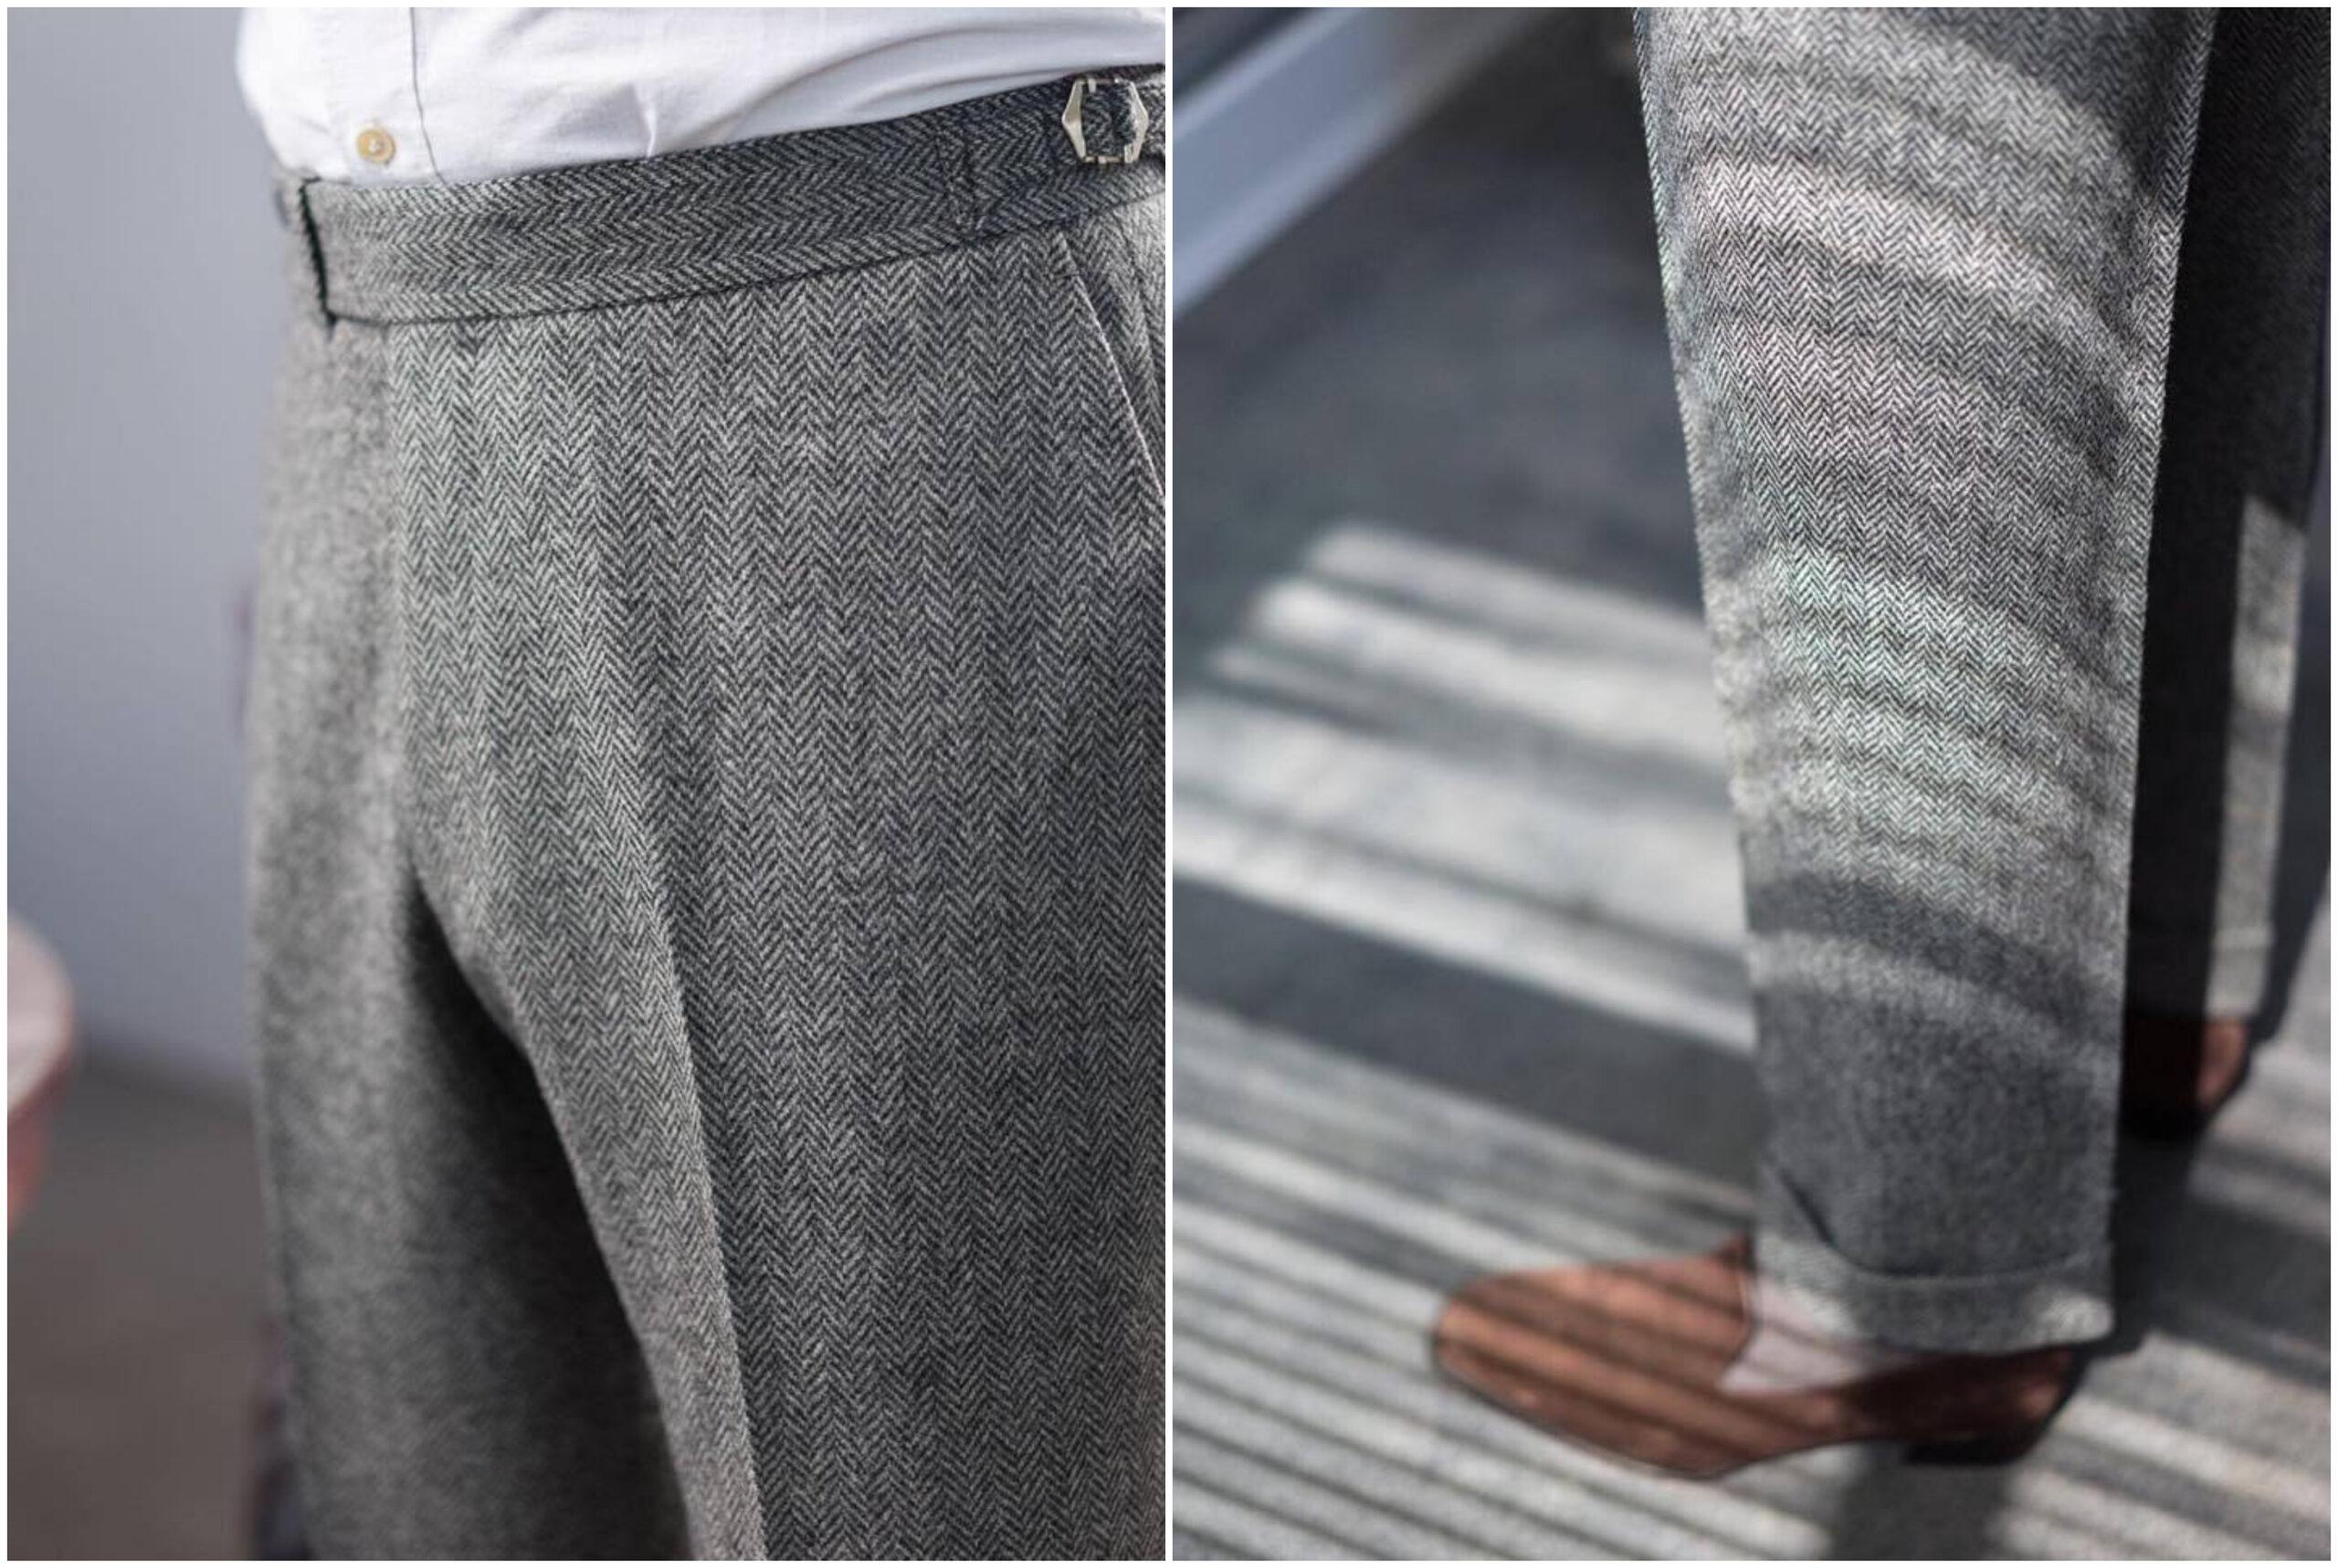 Sur ce pantalon, pas de pinces mais un pli très marqué.